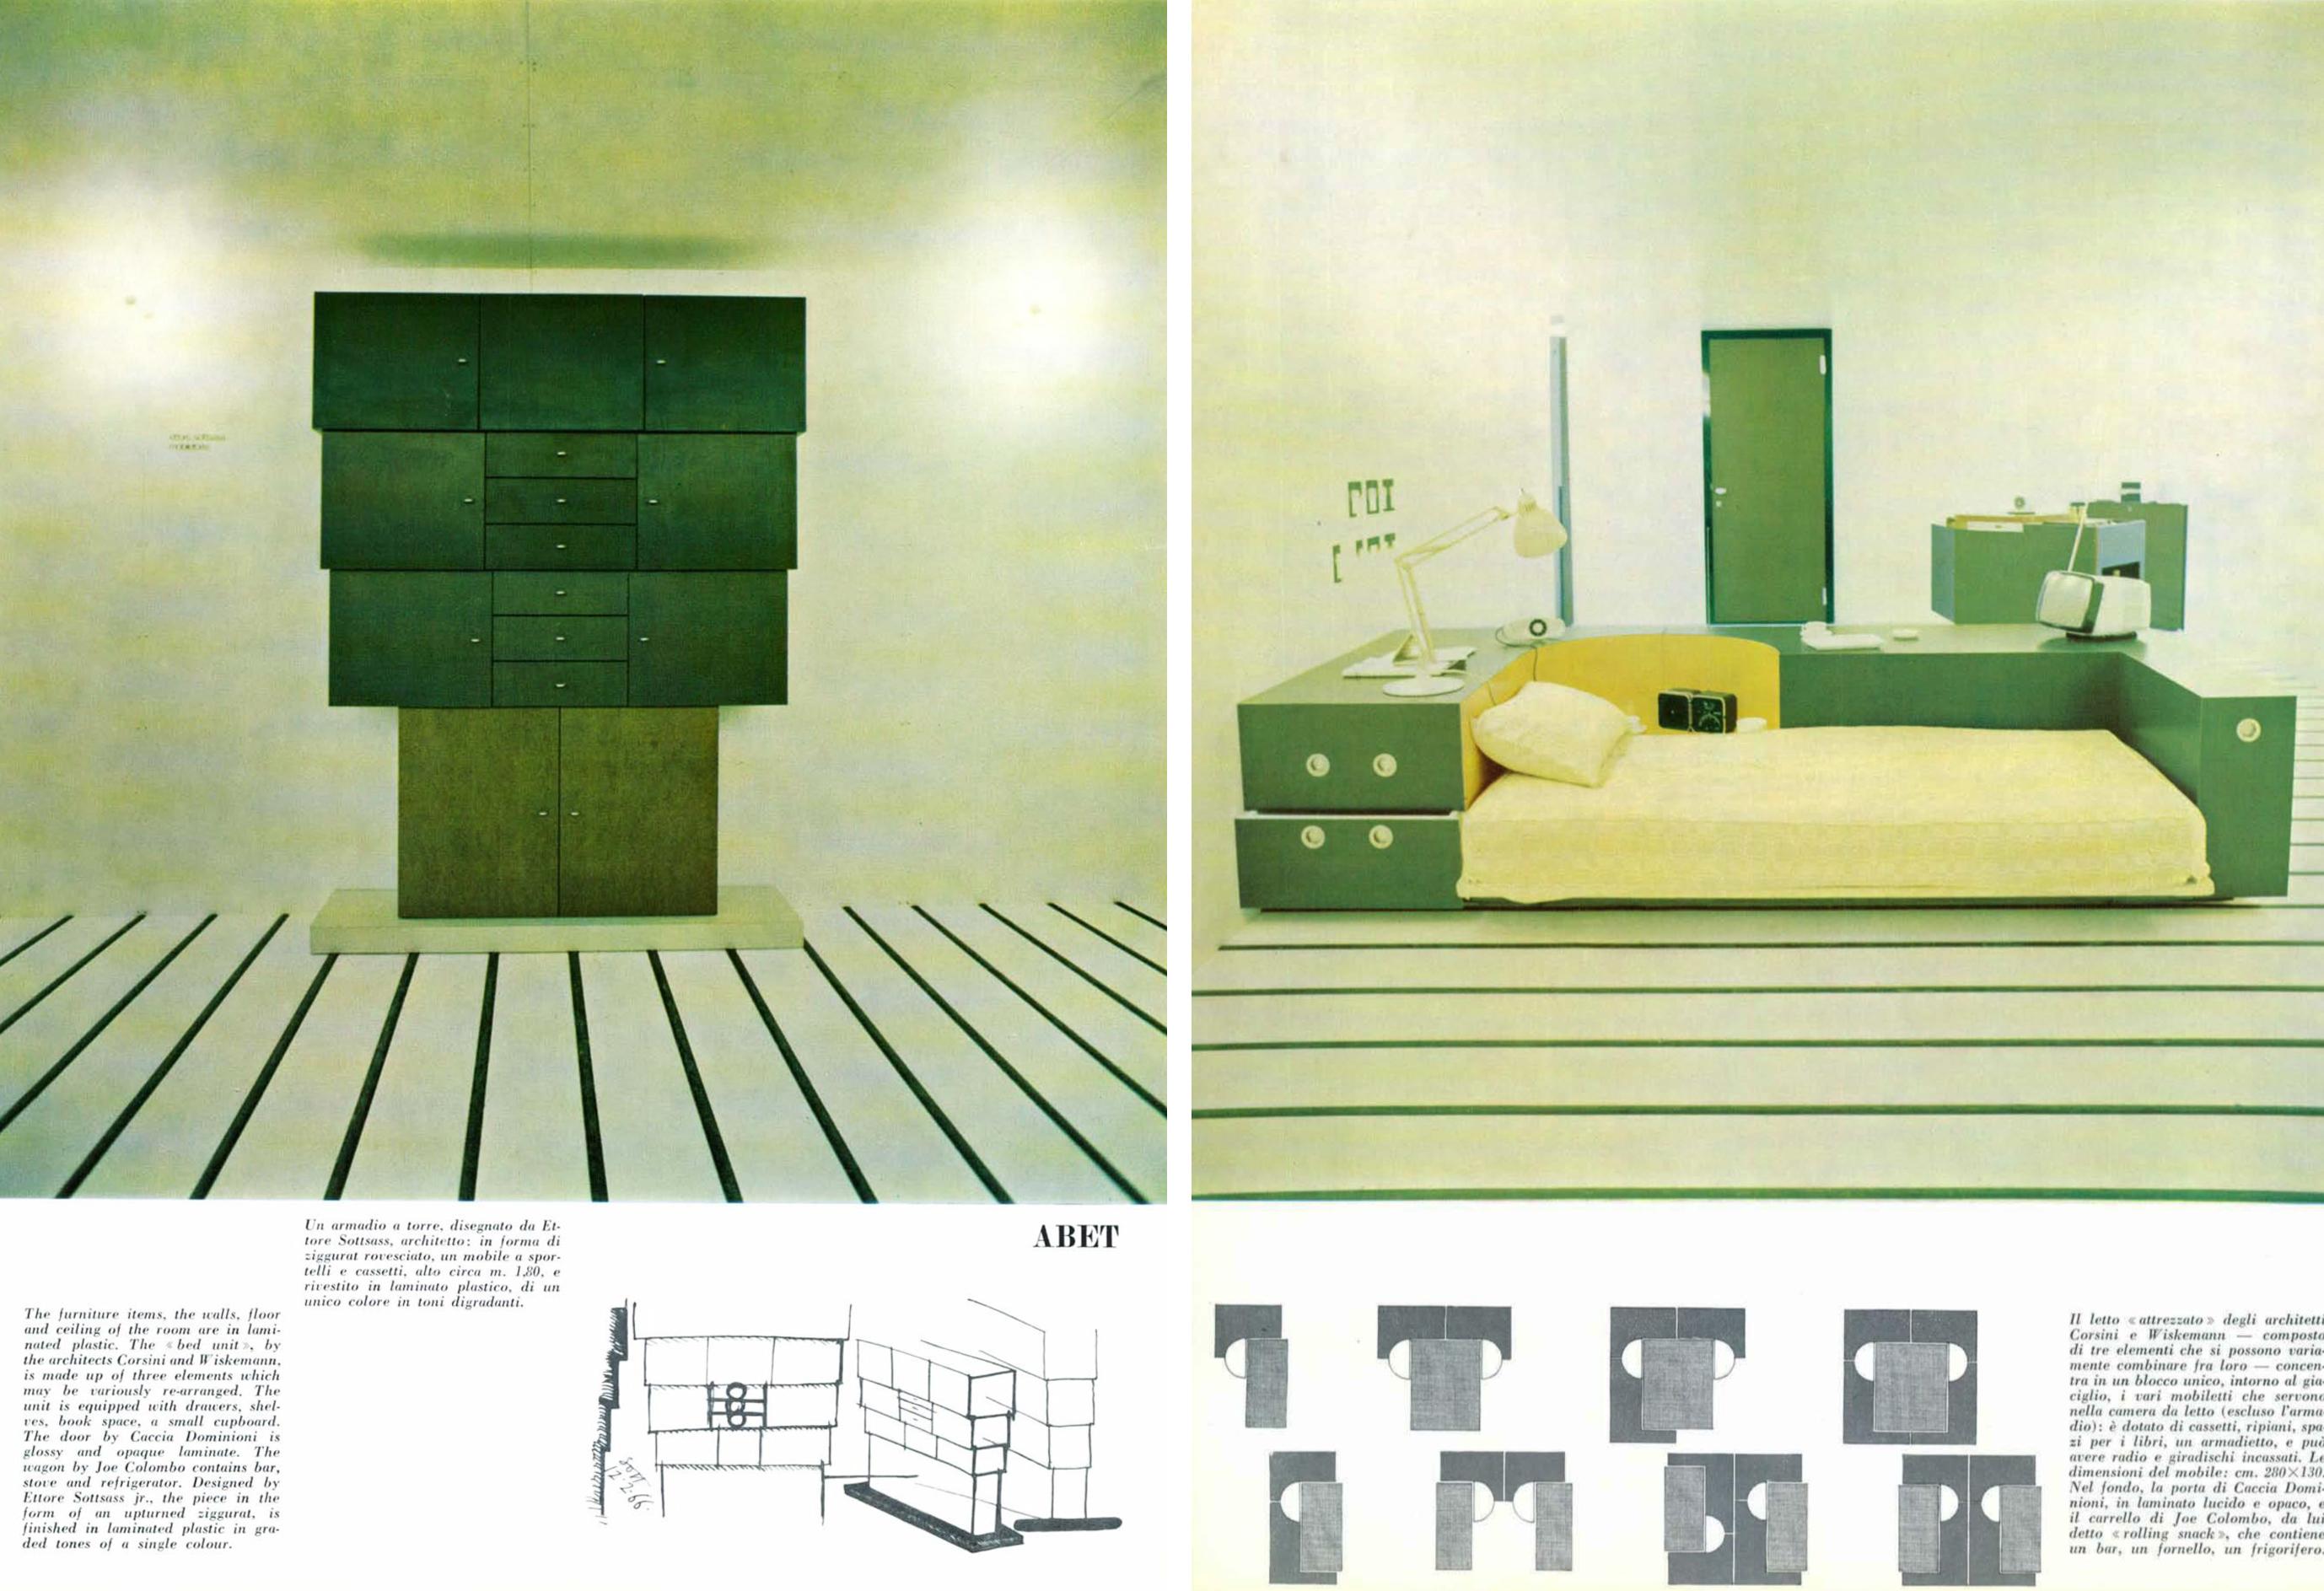 Architetti Famosi Lecce design primario archives - ais/design